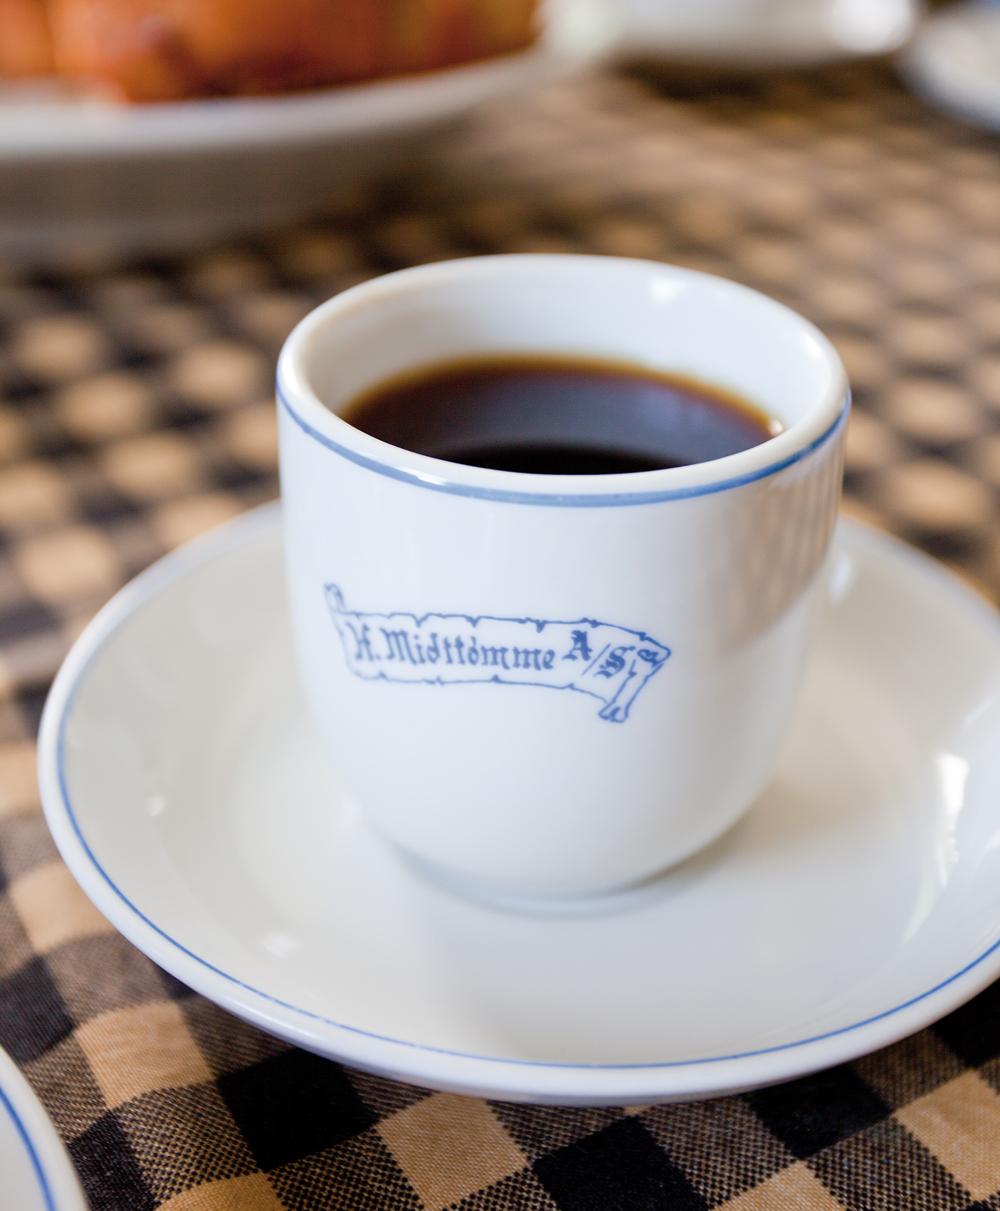 Kaffekopp med Midttømme A/S-logo